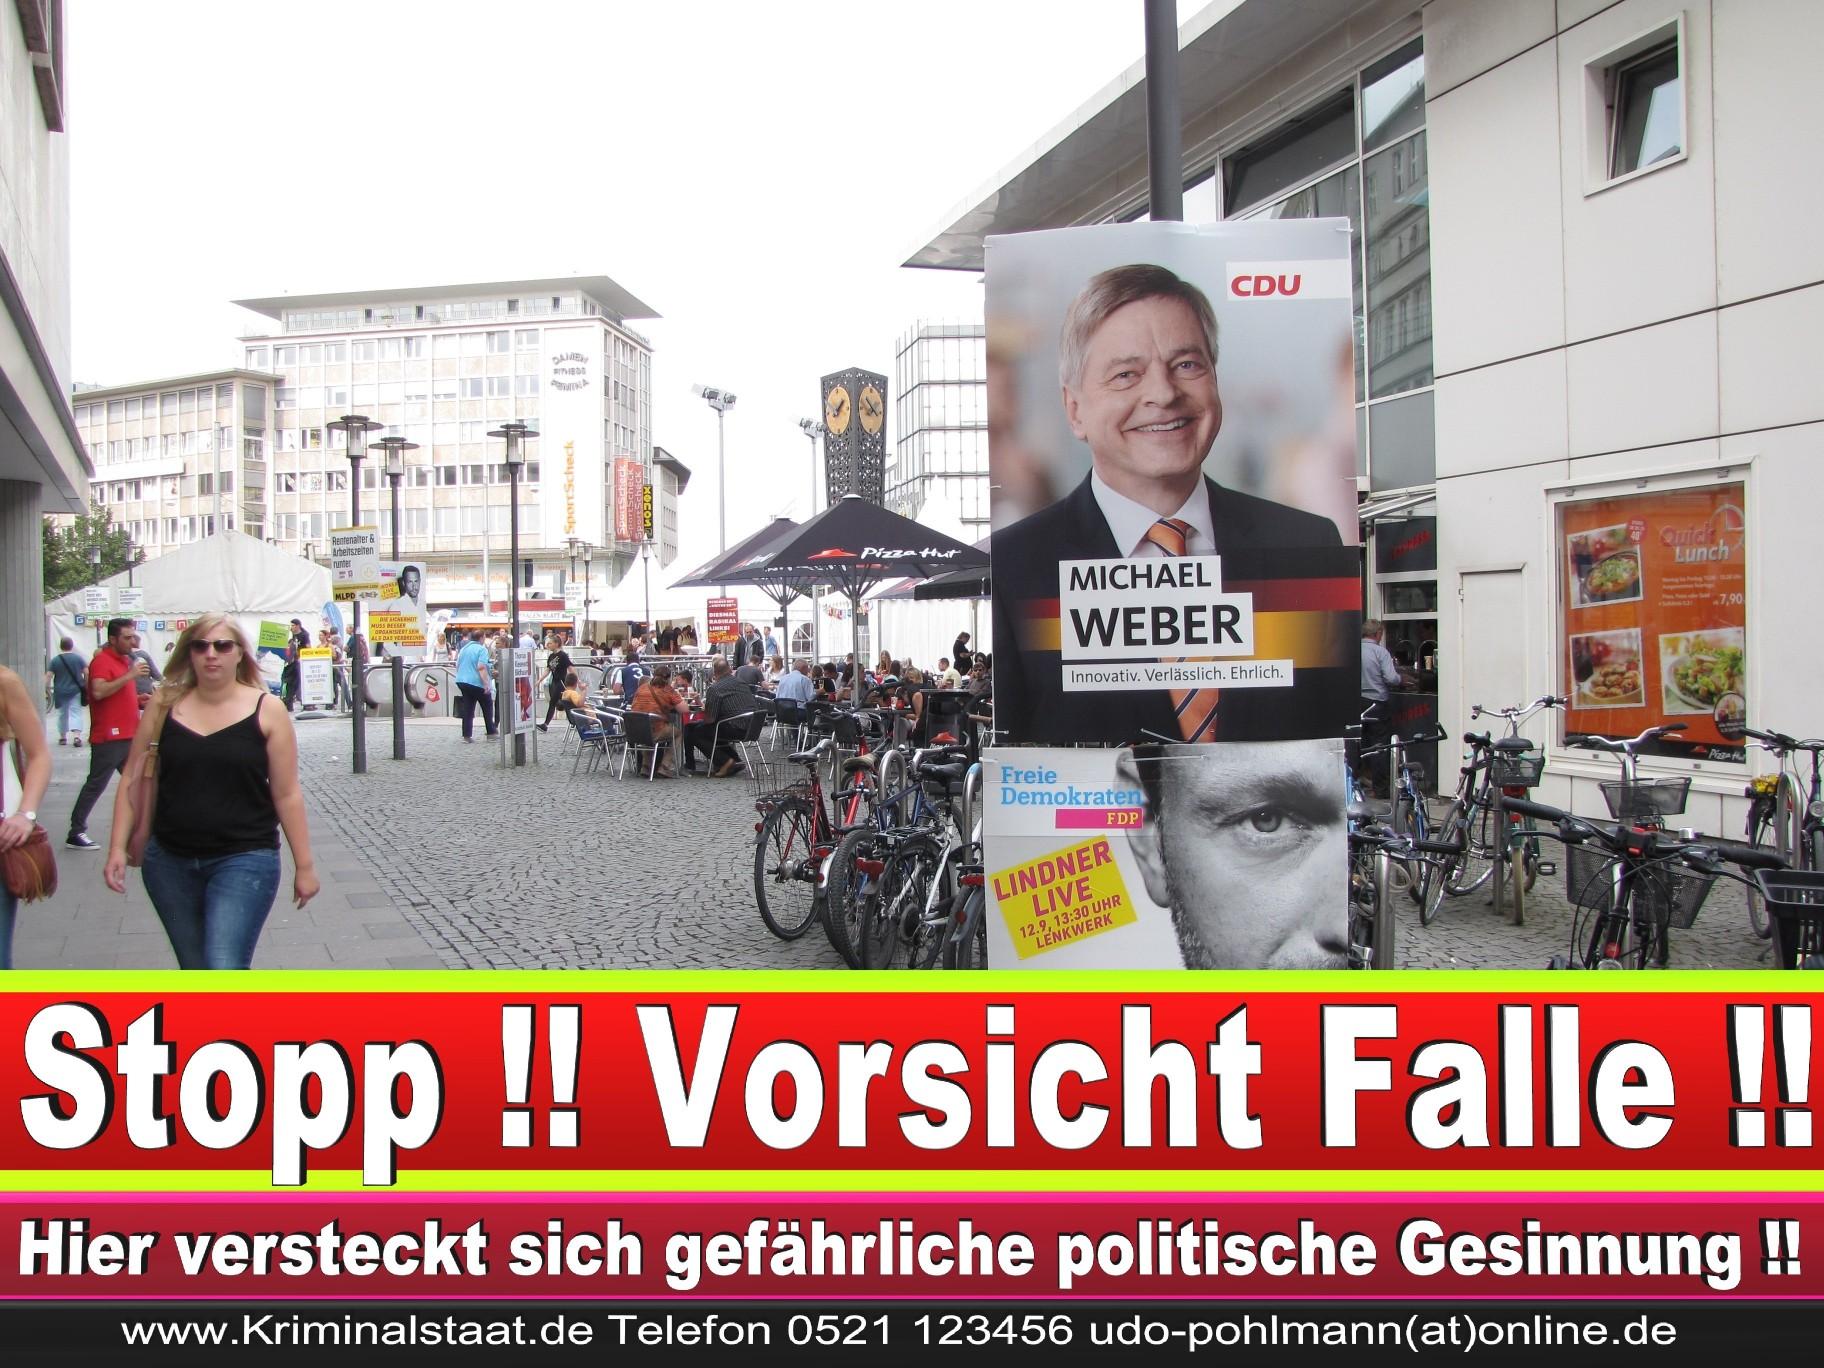 Wahlwerbung Wahlplakate Landtagswahl 2019 Europawahl CDU SPD FDP 2021 (47)